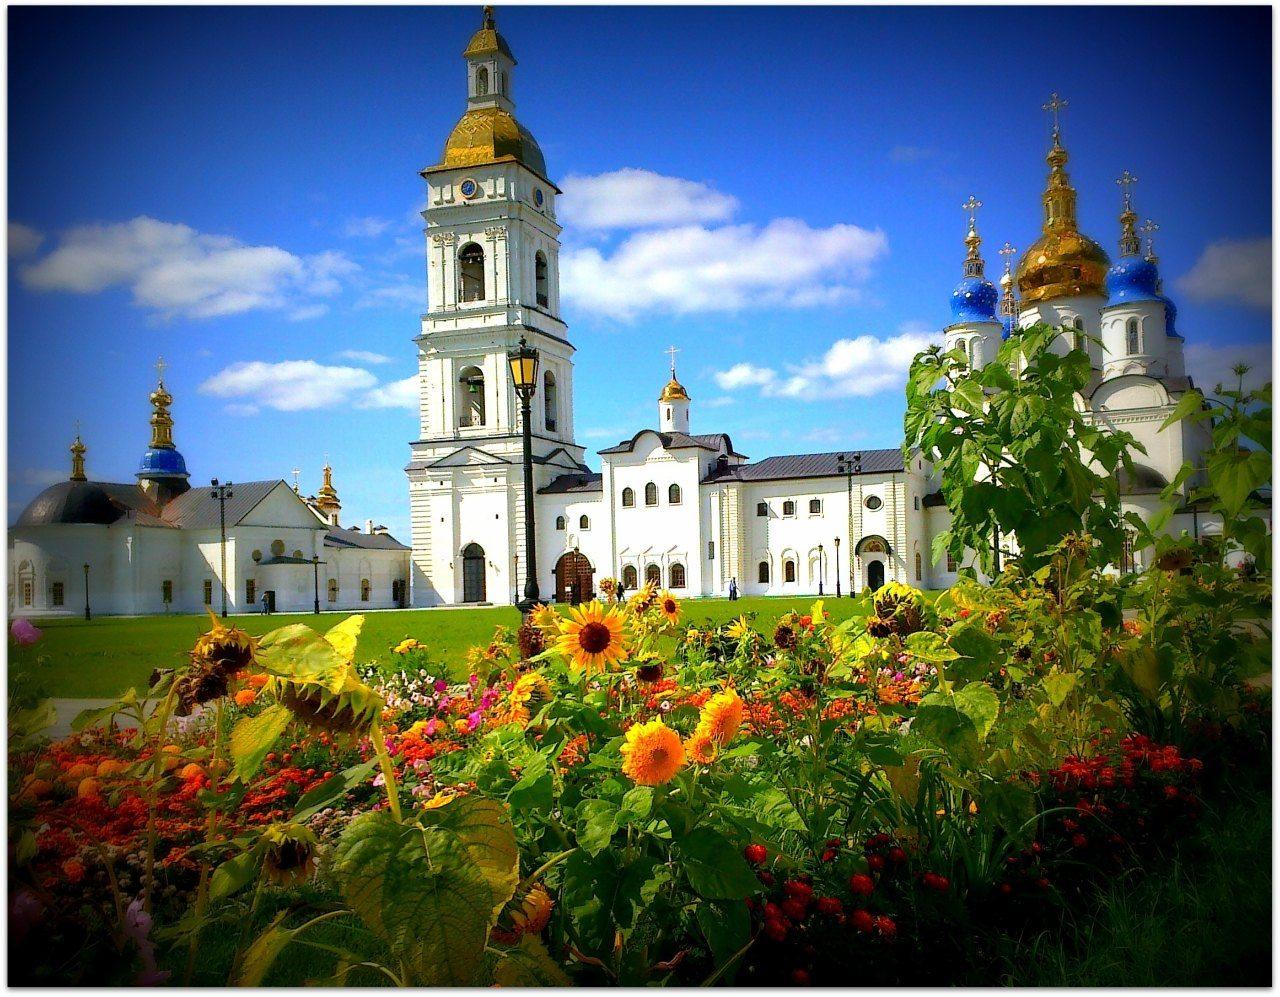 Тобольский кремль, Тобольск, Тюменская область